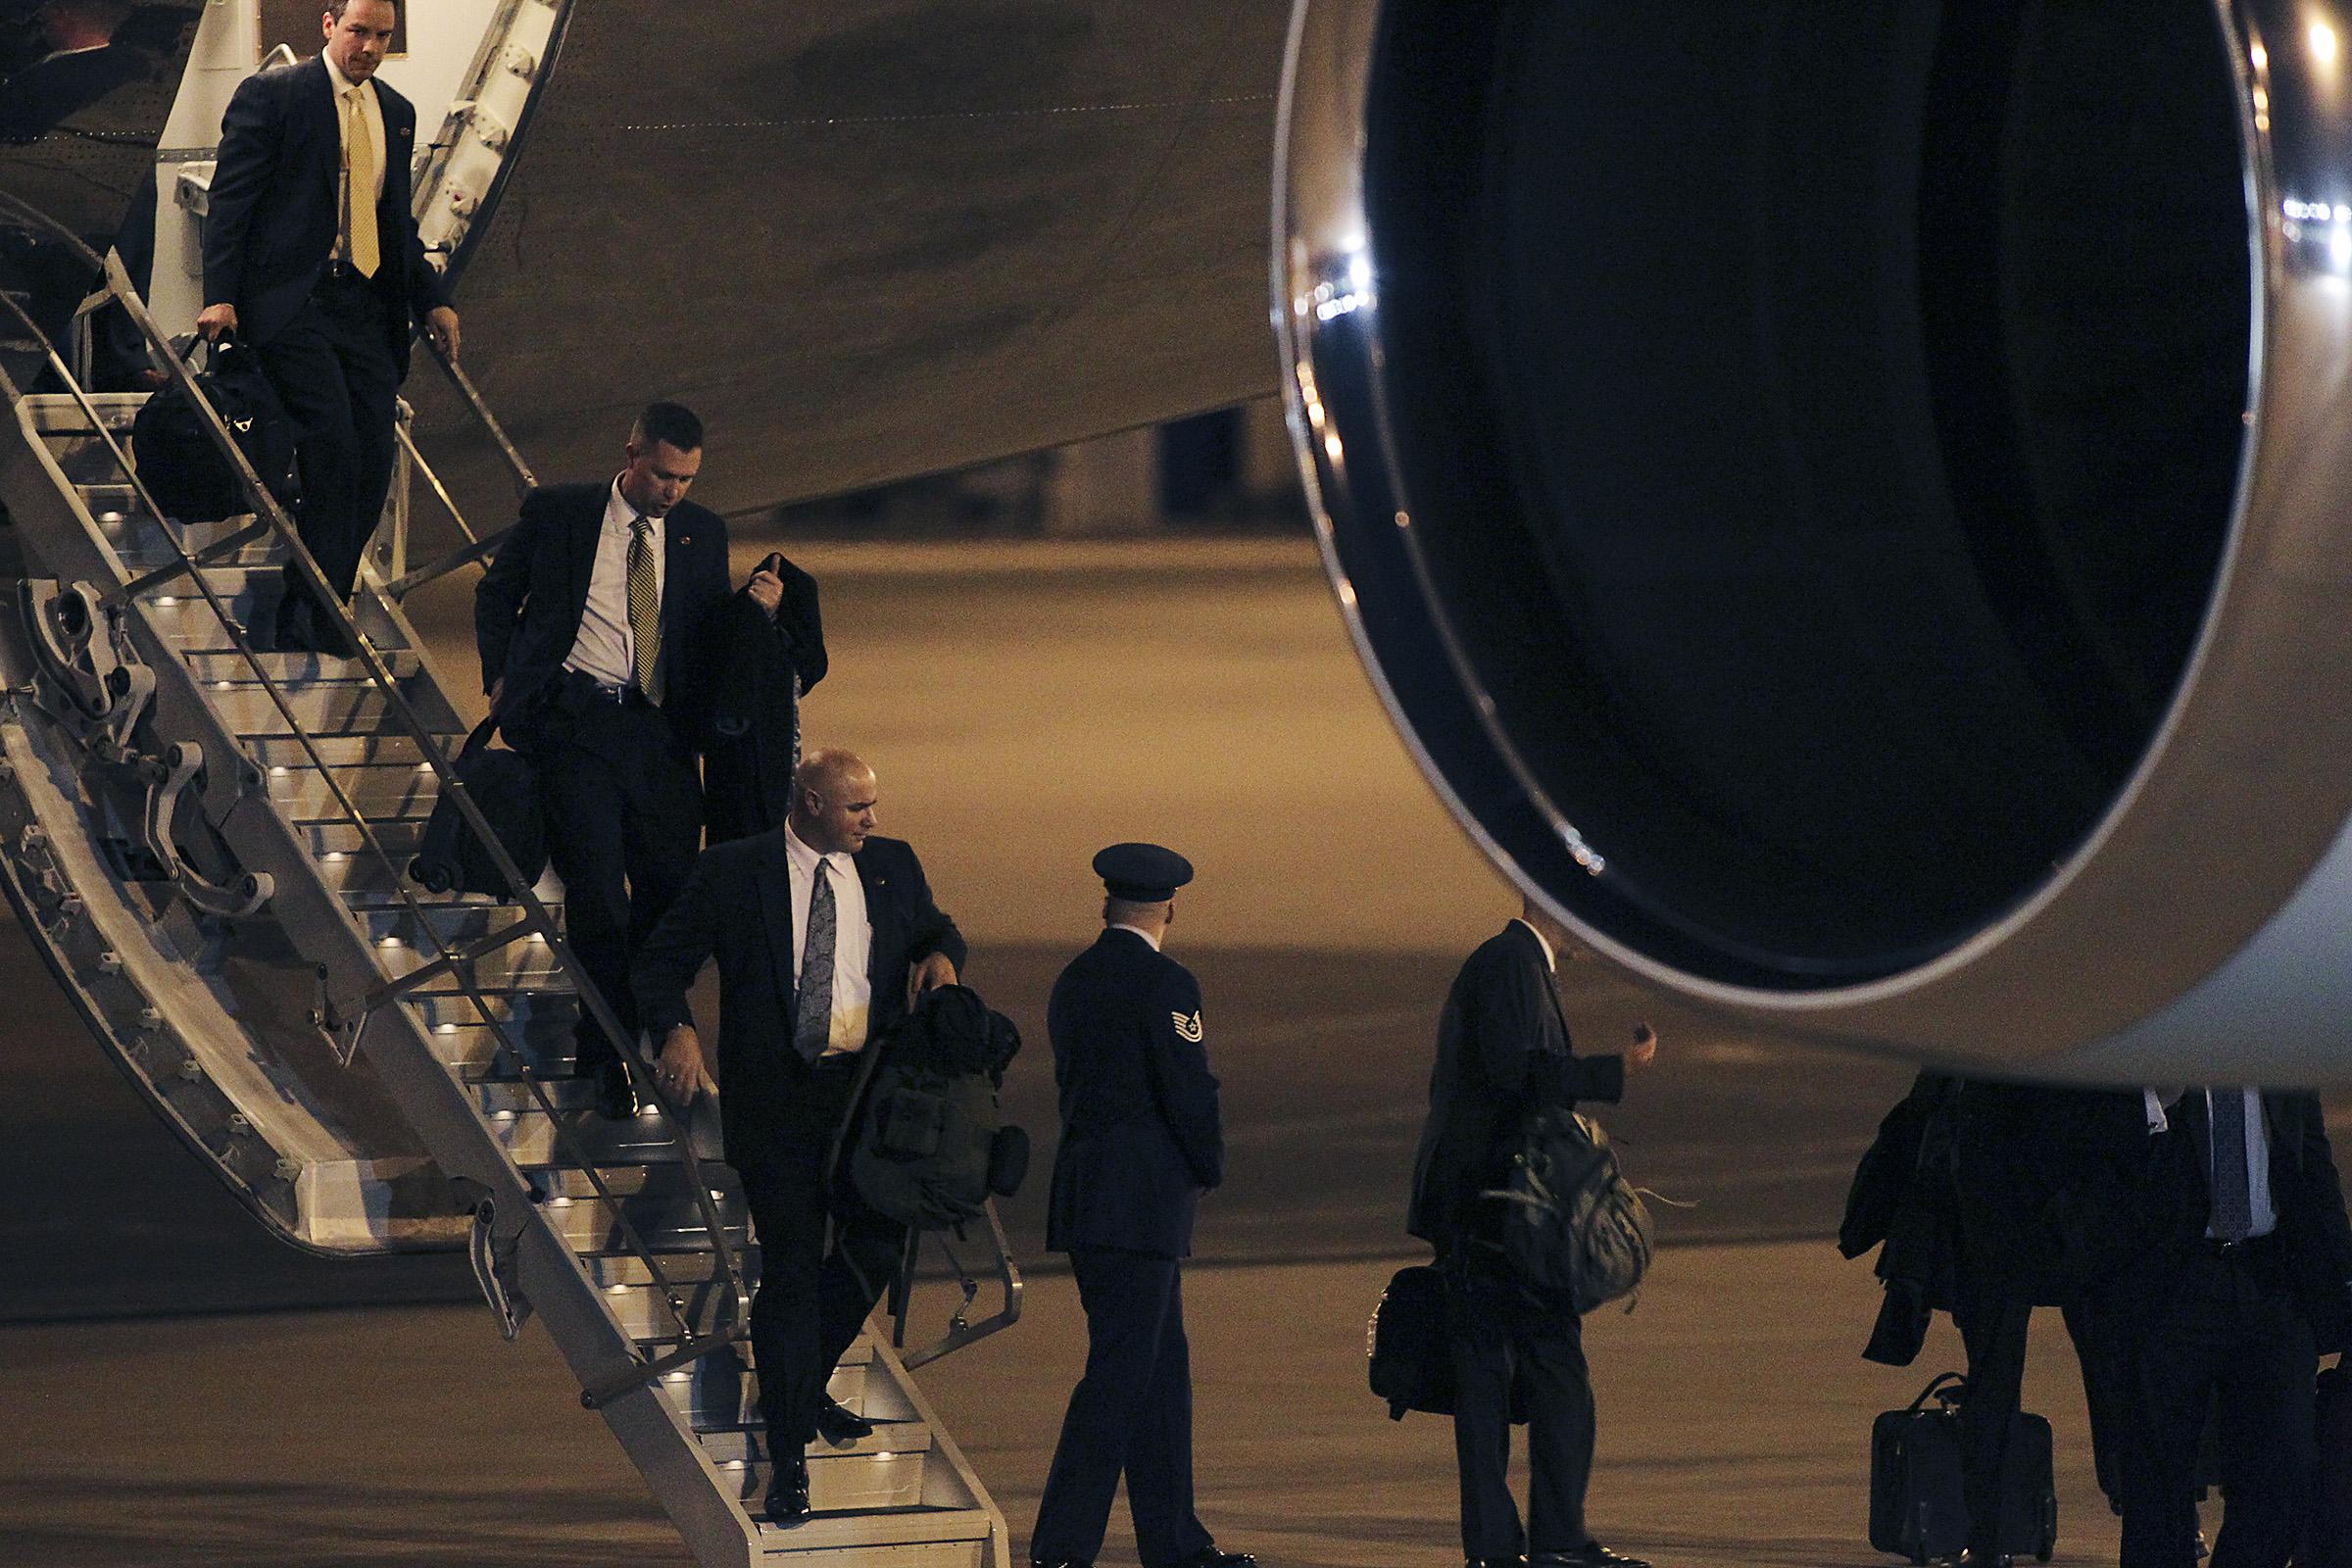 obama_arrives2012.05